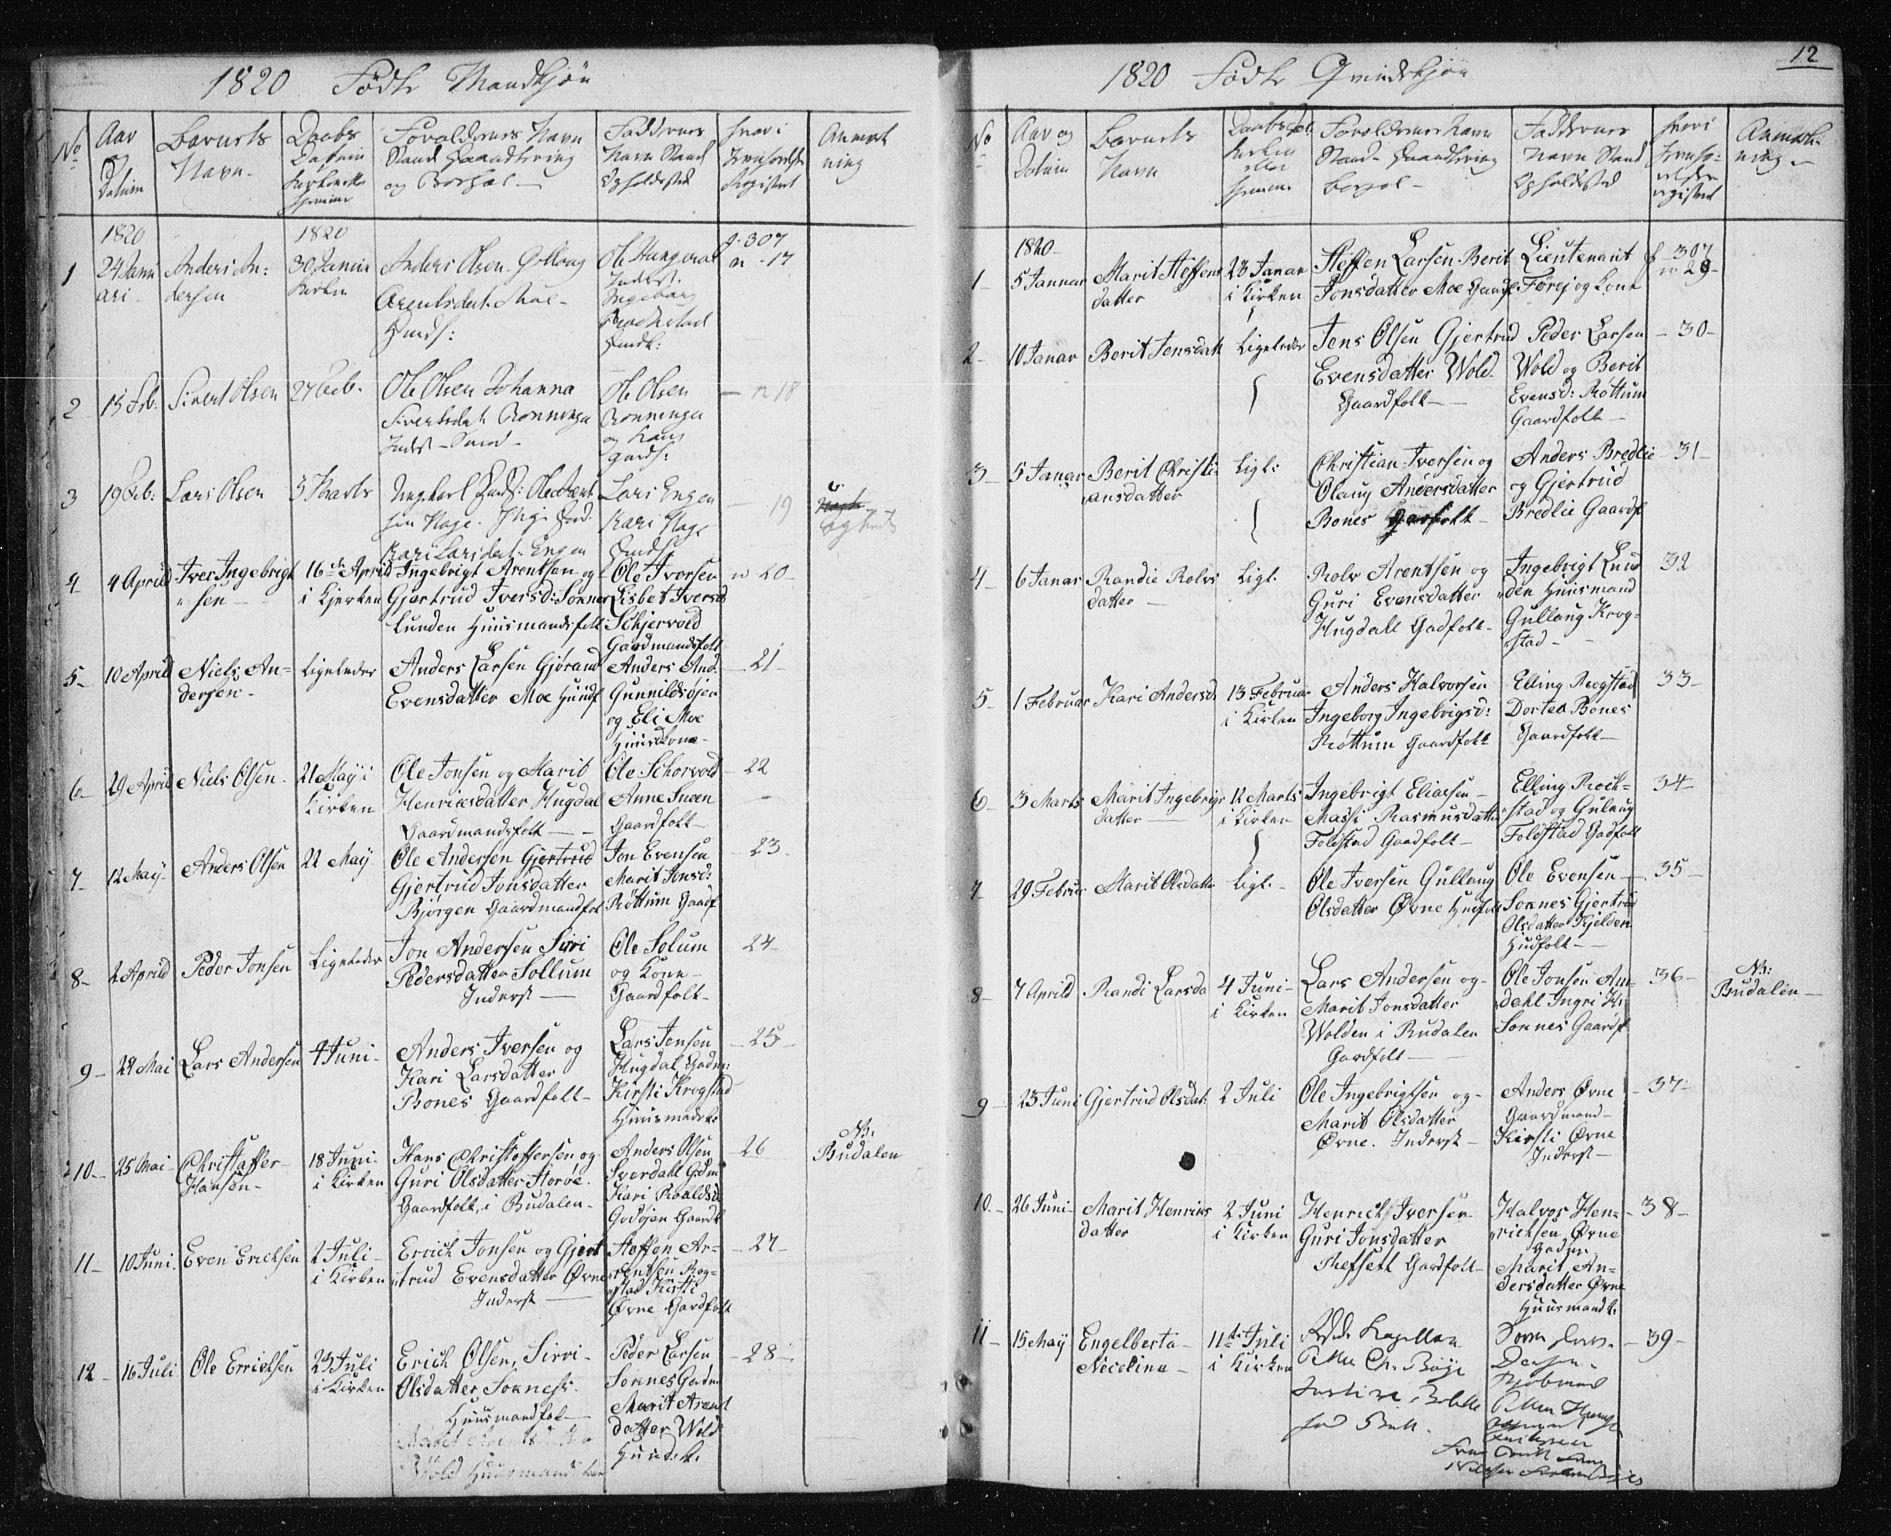 SAT, Ministerialprotokoller, klokkerbøker og fødselsregistre - Sør-Trøndelag, 687/L1017: Klokkerbok nr. 687C01, 1816-1837, s. 12